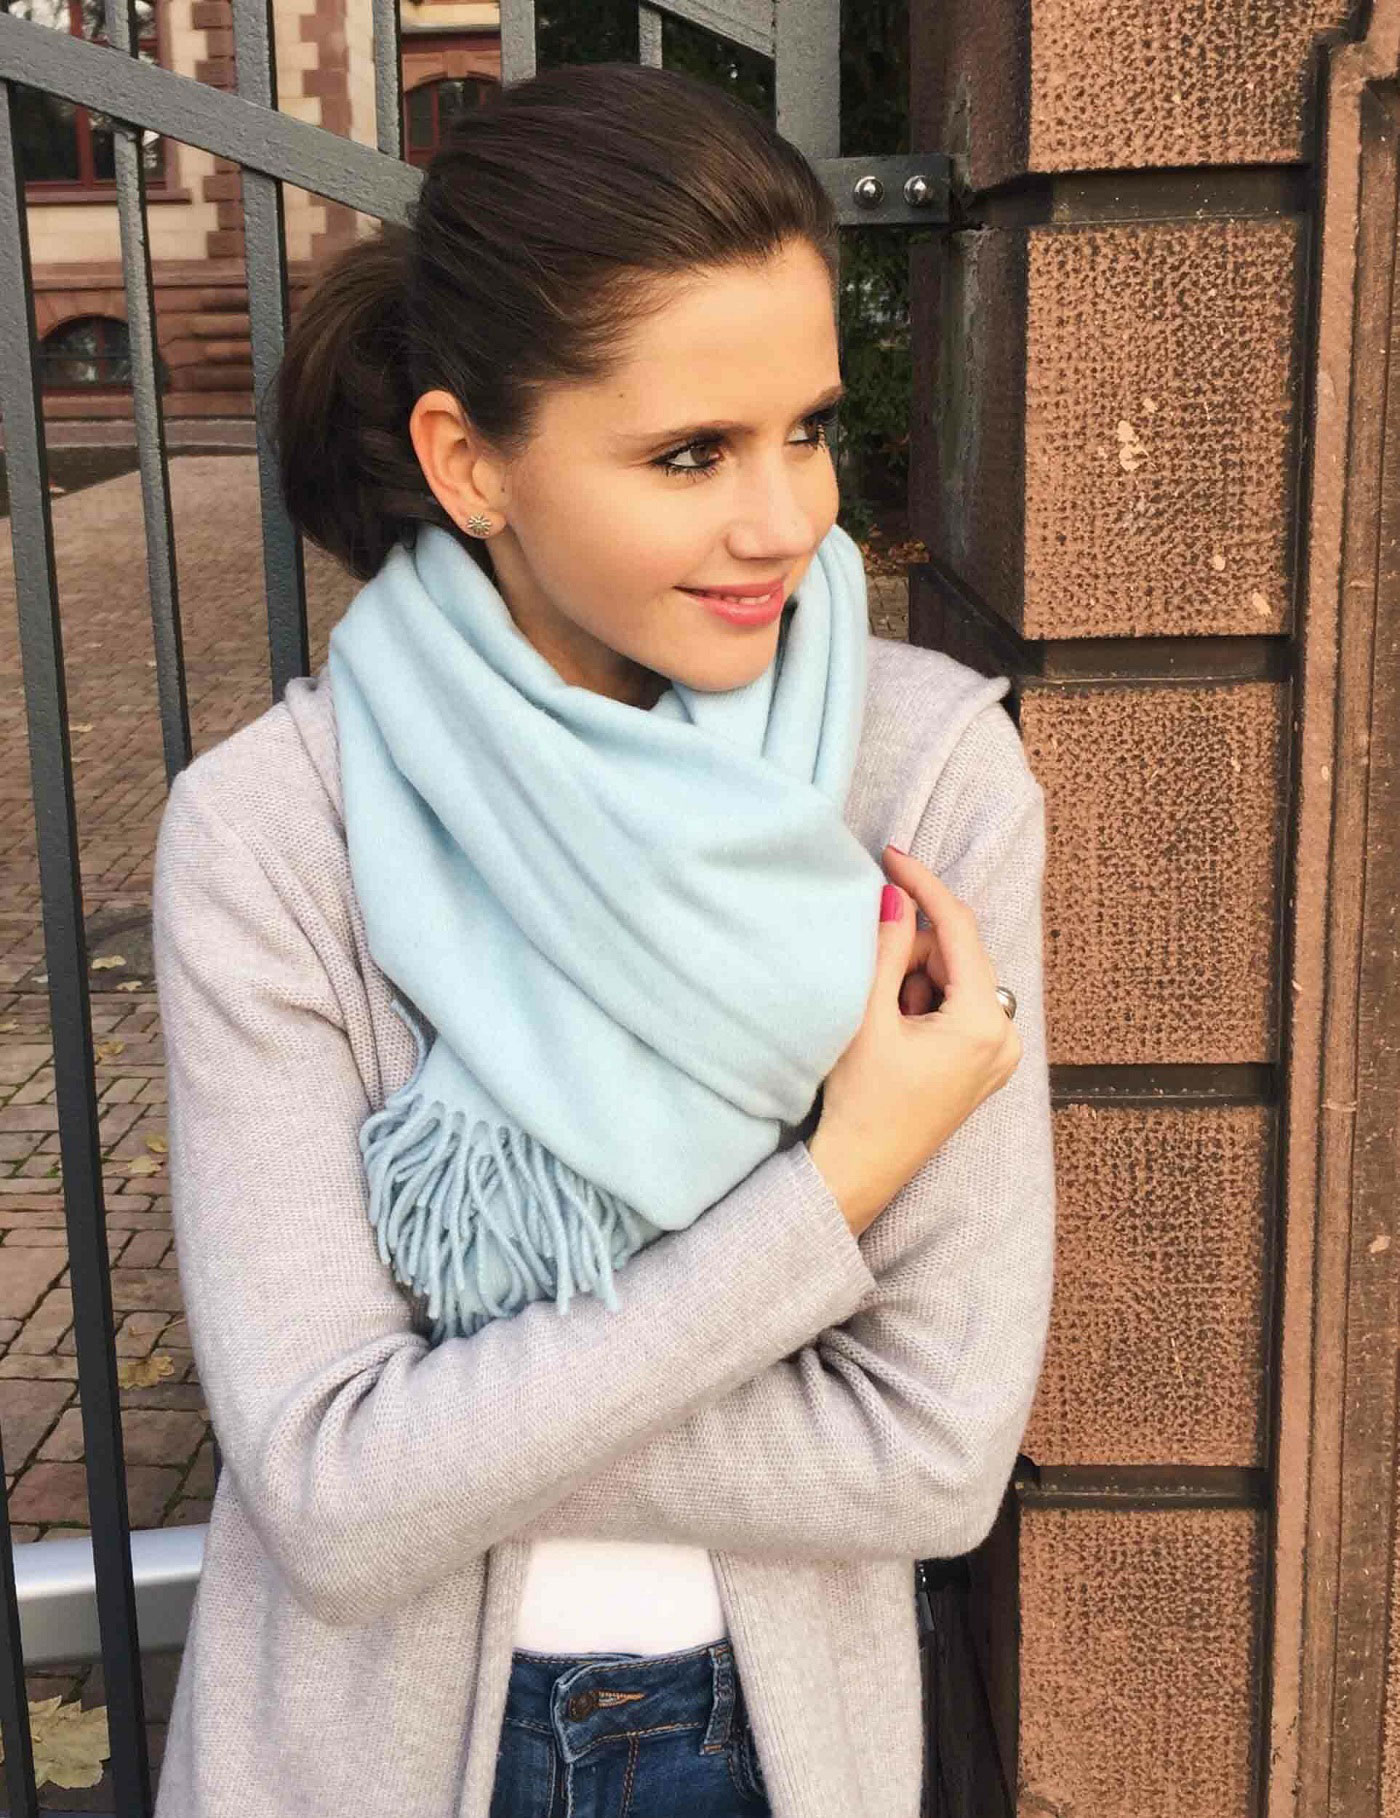 Umwelt und Mode: Junge Frau mit blauem Schal